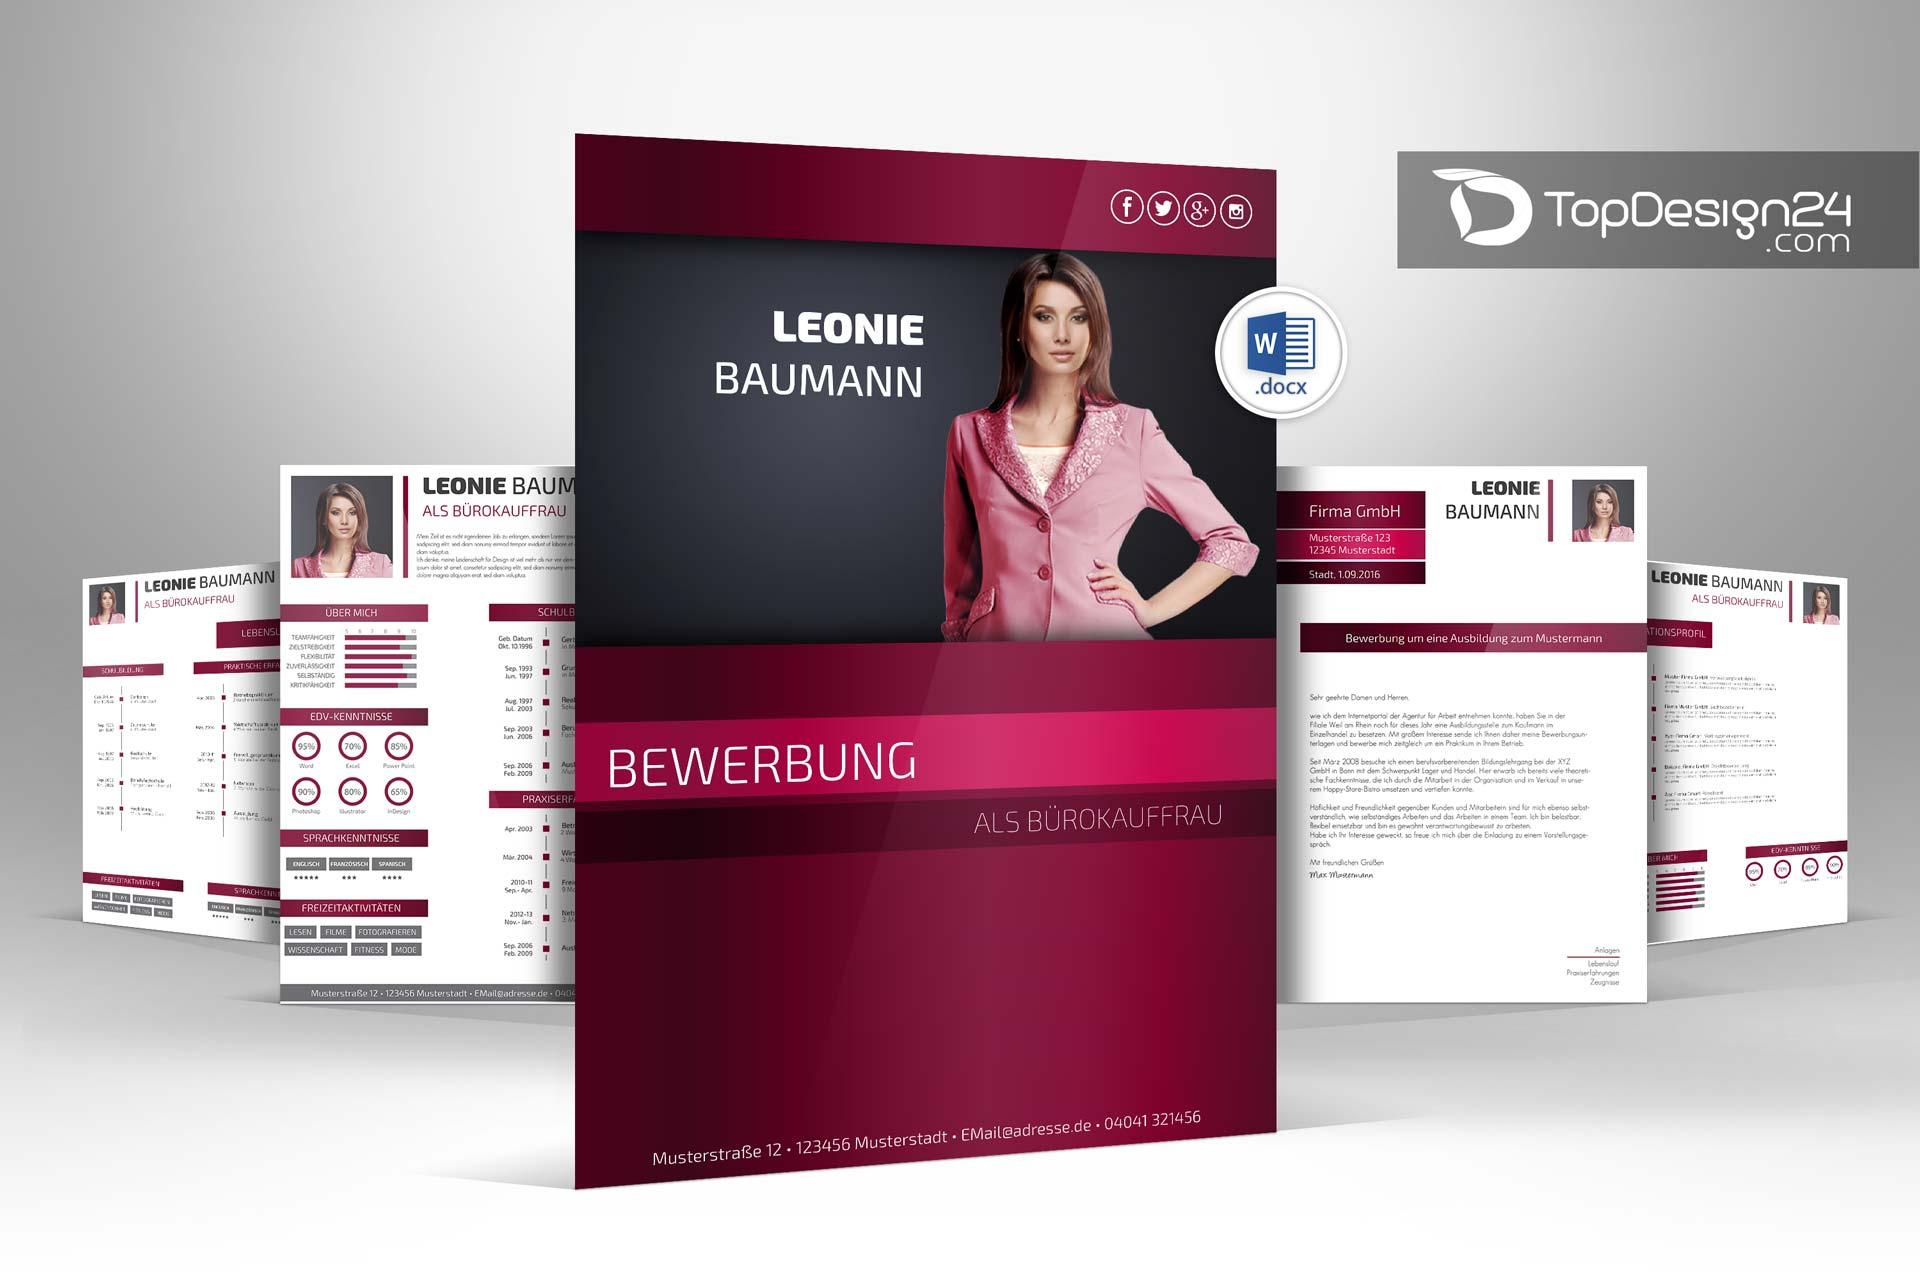 Bewerbung deckblatt modern topdesign24 bewerbungen for Best catalog design 2016